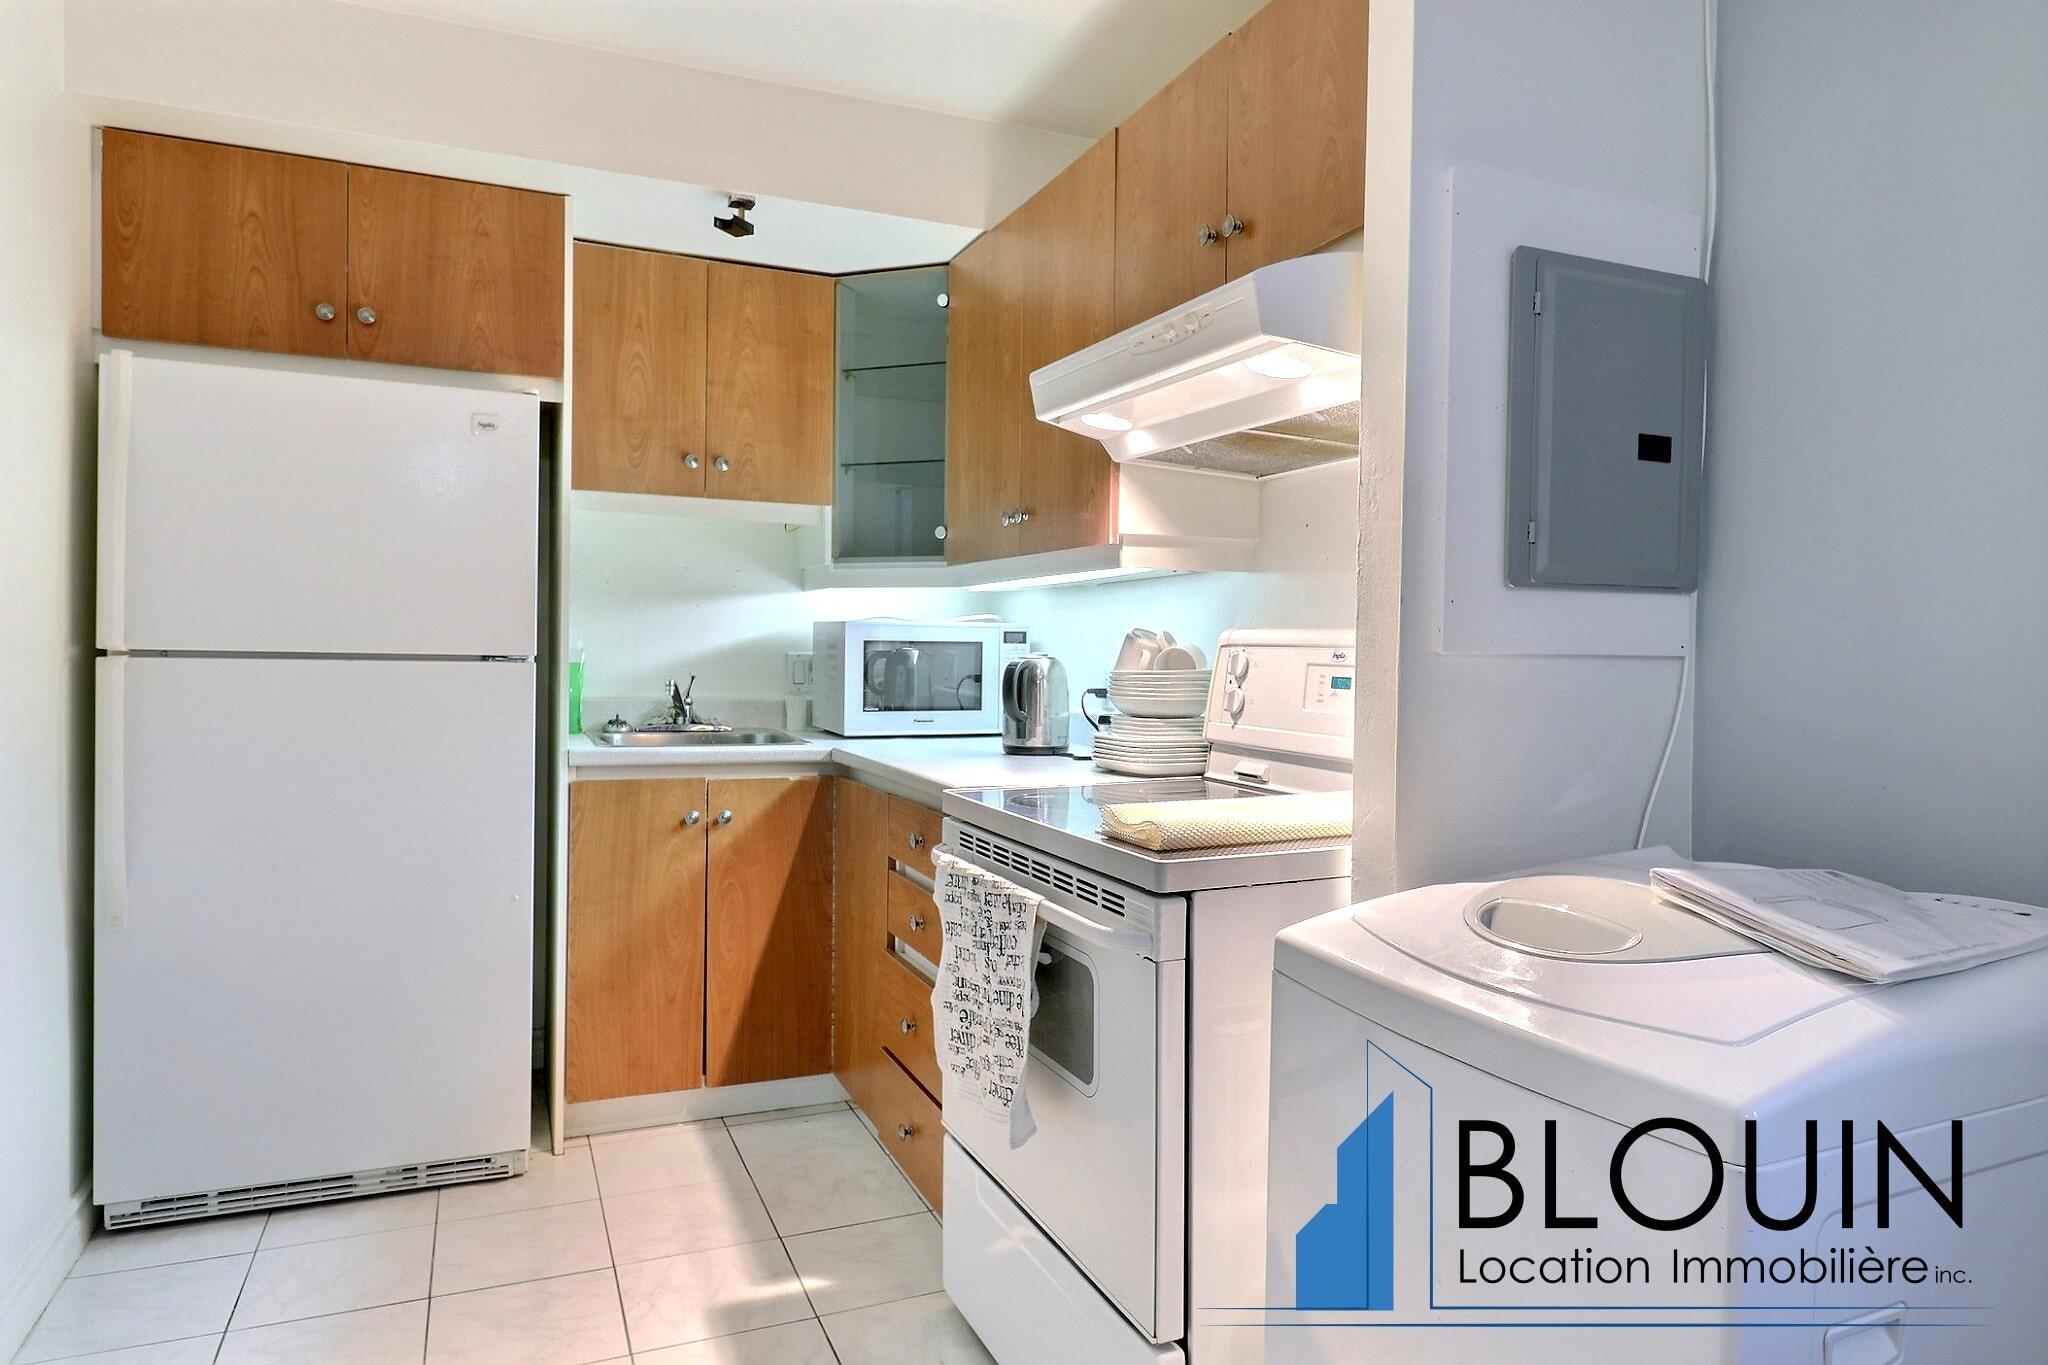 Photo 2 : 3 ½ à Montcalm, Entièrement meublé, libre pour Février, Chauffage + eau chaude + Stationnement inclus